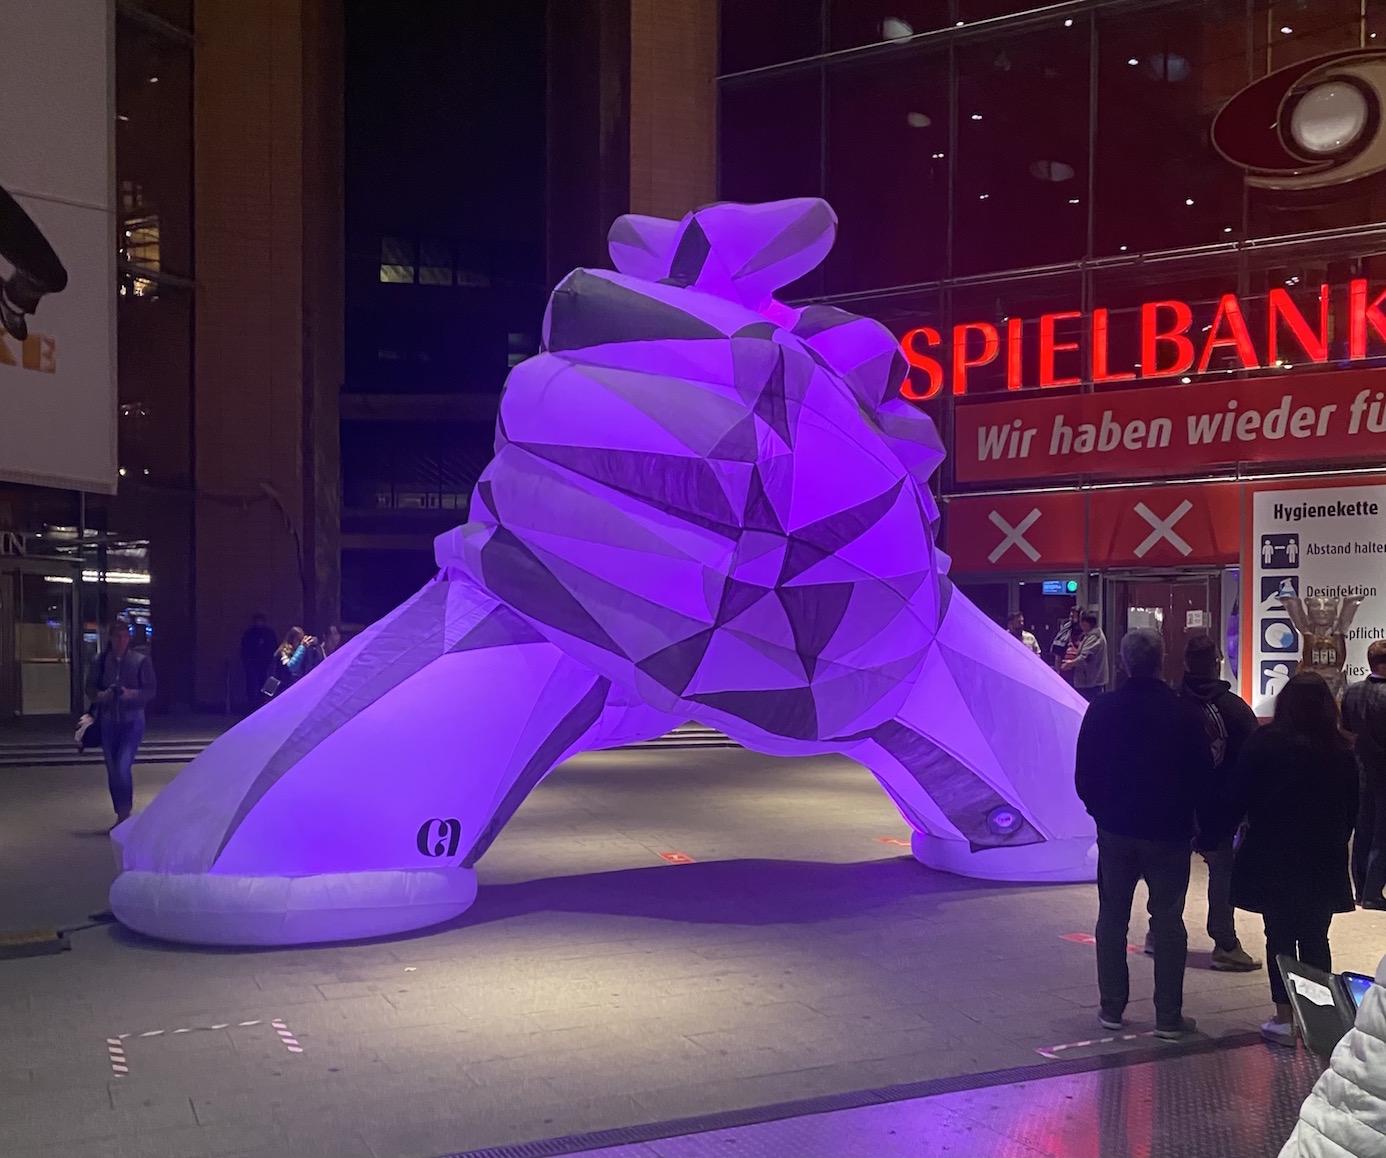 Berlin festival of lights 2020